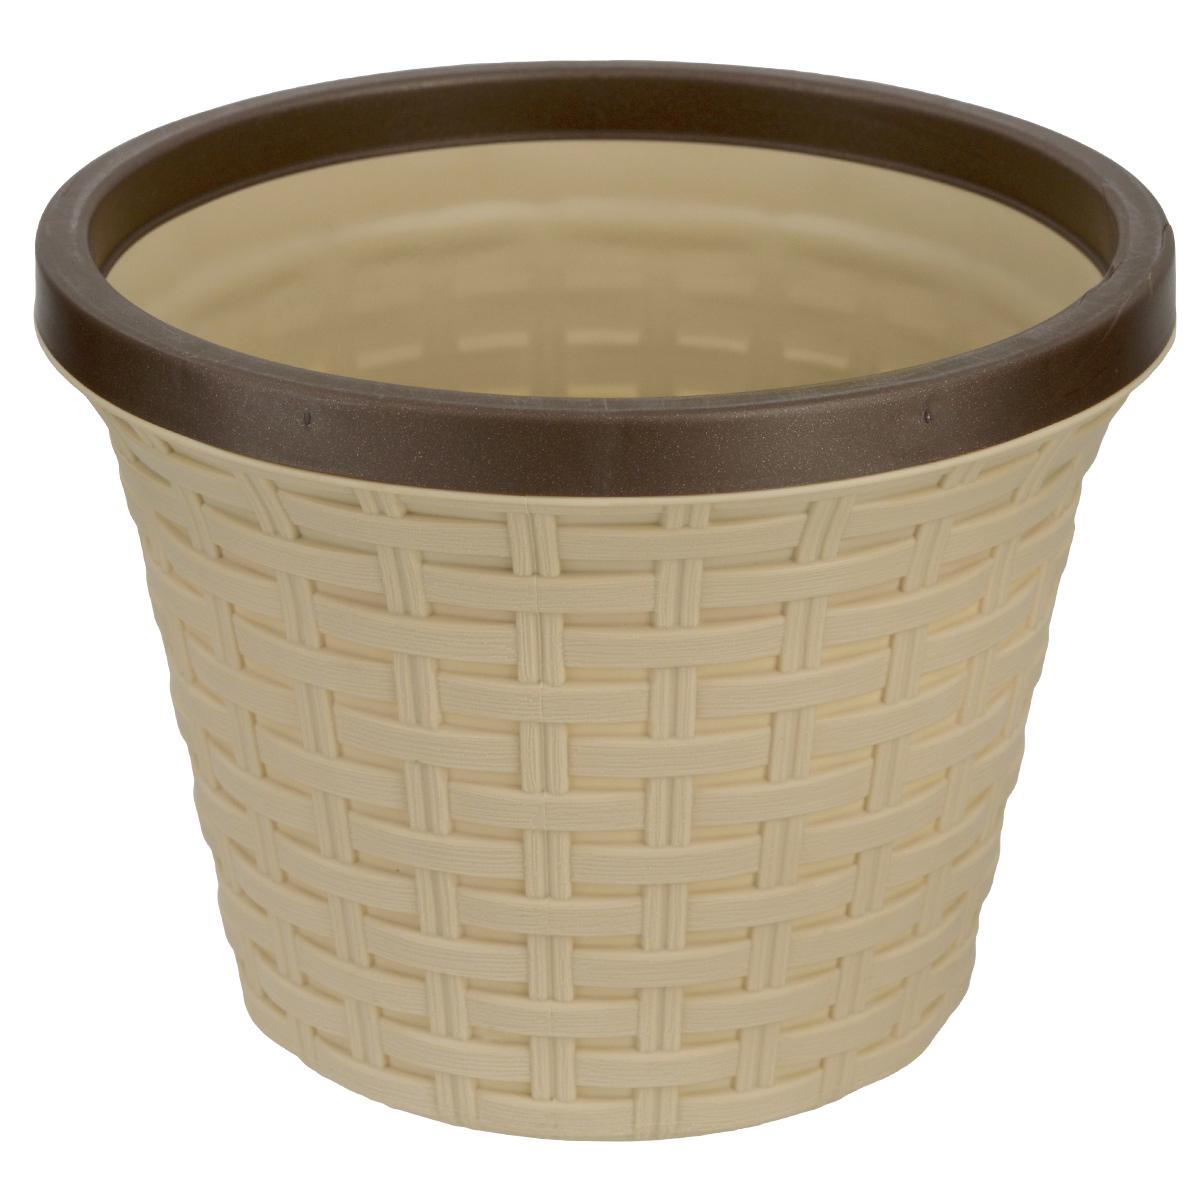 Кашпо Violet Ротанг, с дренажной системой, цвет: бежевый, 6,5 лZ-0307Кашпо Violet Ротанг изготовлено из высококачественного пластика и оснащено дренажной системой для быстрого отведения избытка воды при поливе. Изделие прекрасно подходит для выращивания растений и цветов в домашних условиях. Лаконичный дизайн впишется в интерьер любого помещения.Объем: 6,5 л.